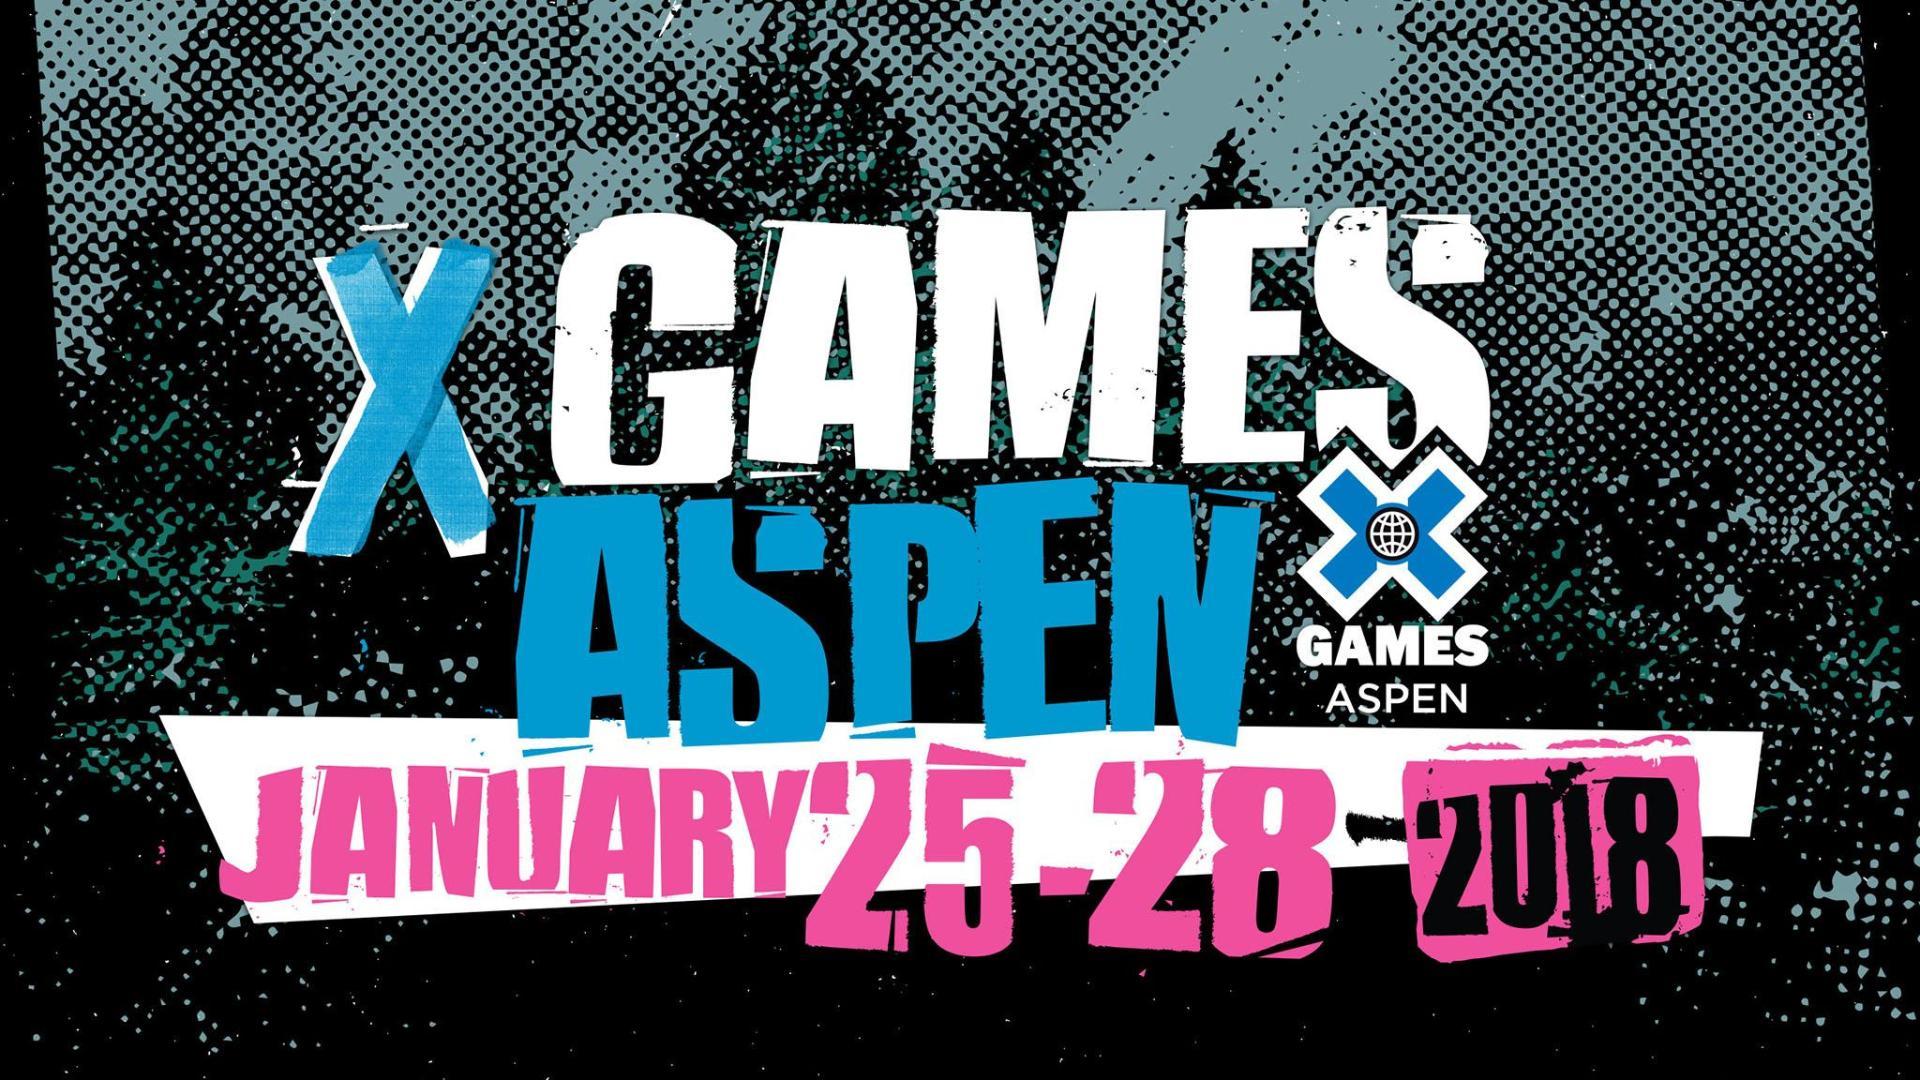 X Games Aspen 17va edición